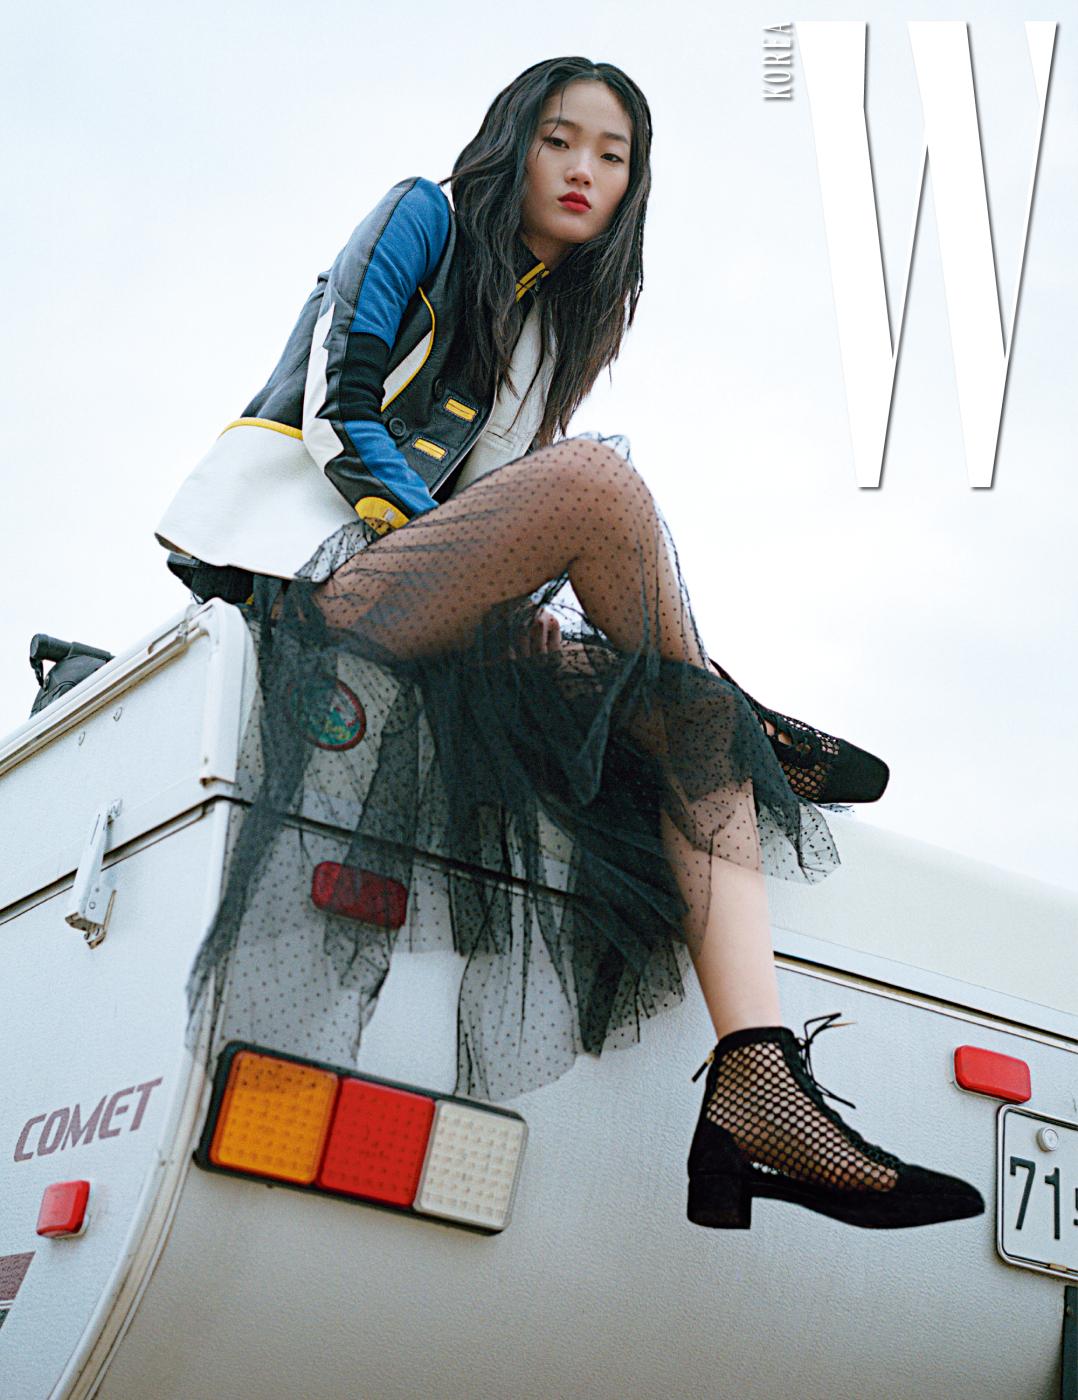 컬러 블록된 가죽 재킷과 샤 스커트, 초커, 레이스업 부츠는 모두 Dior 제품.